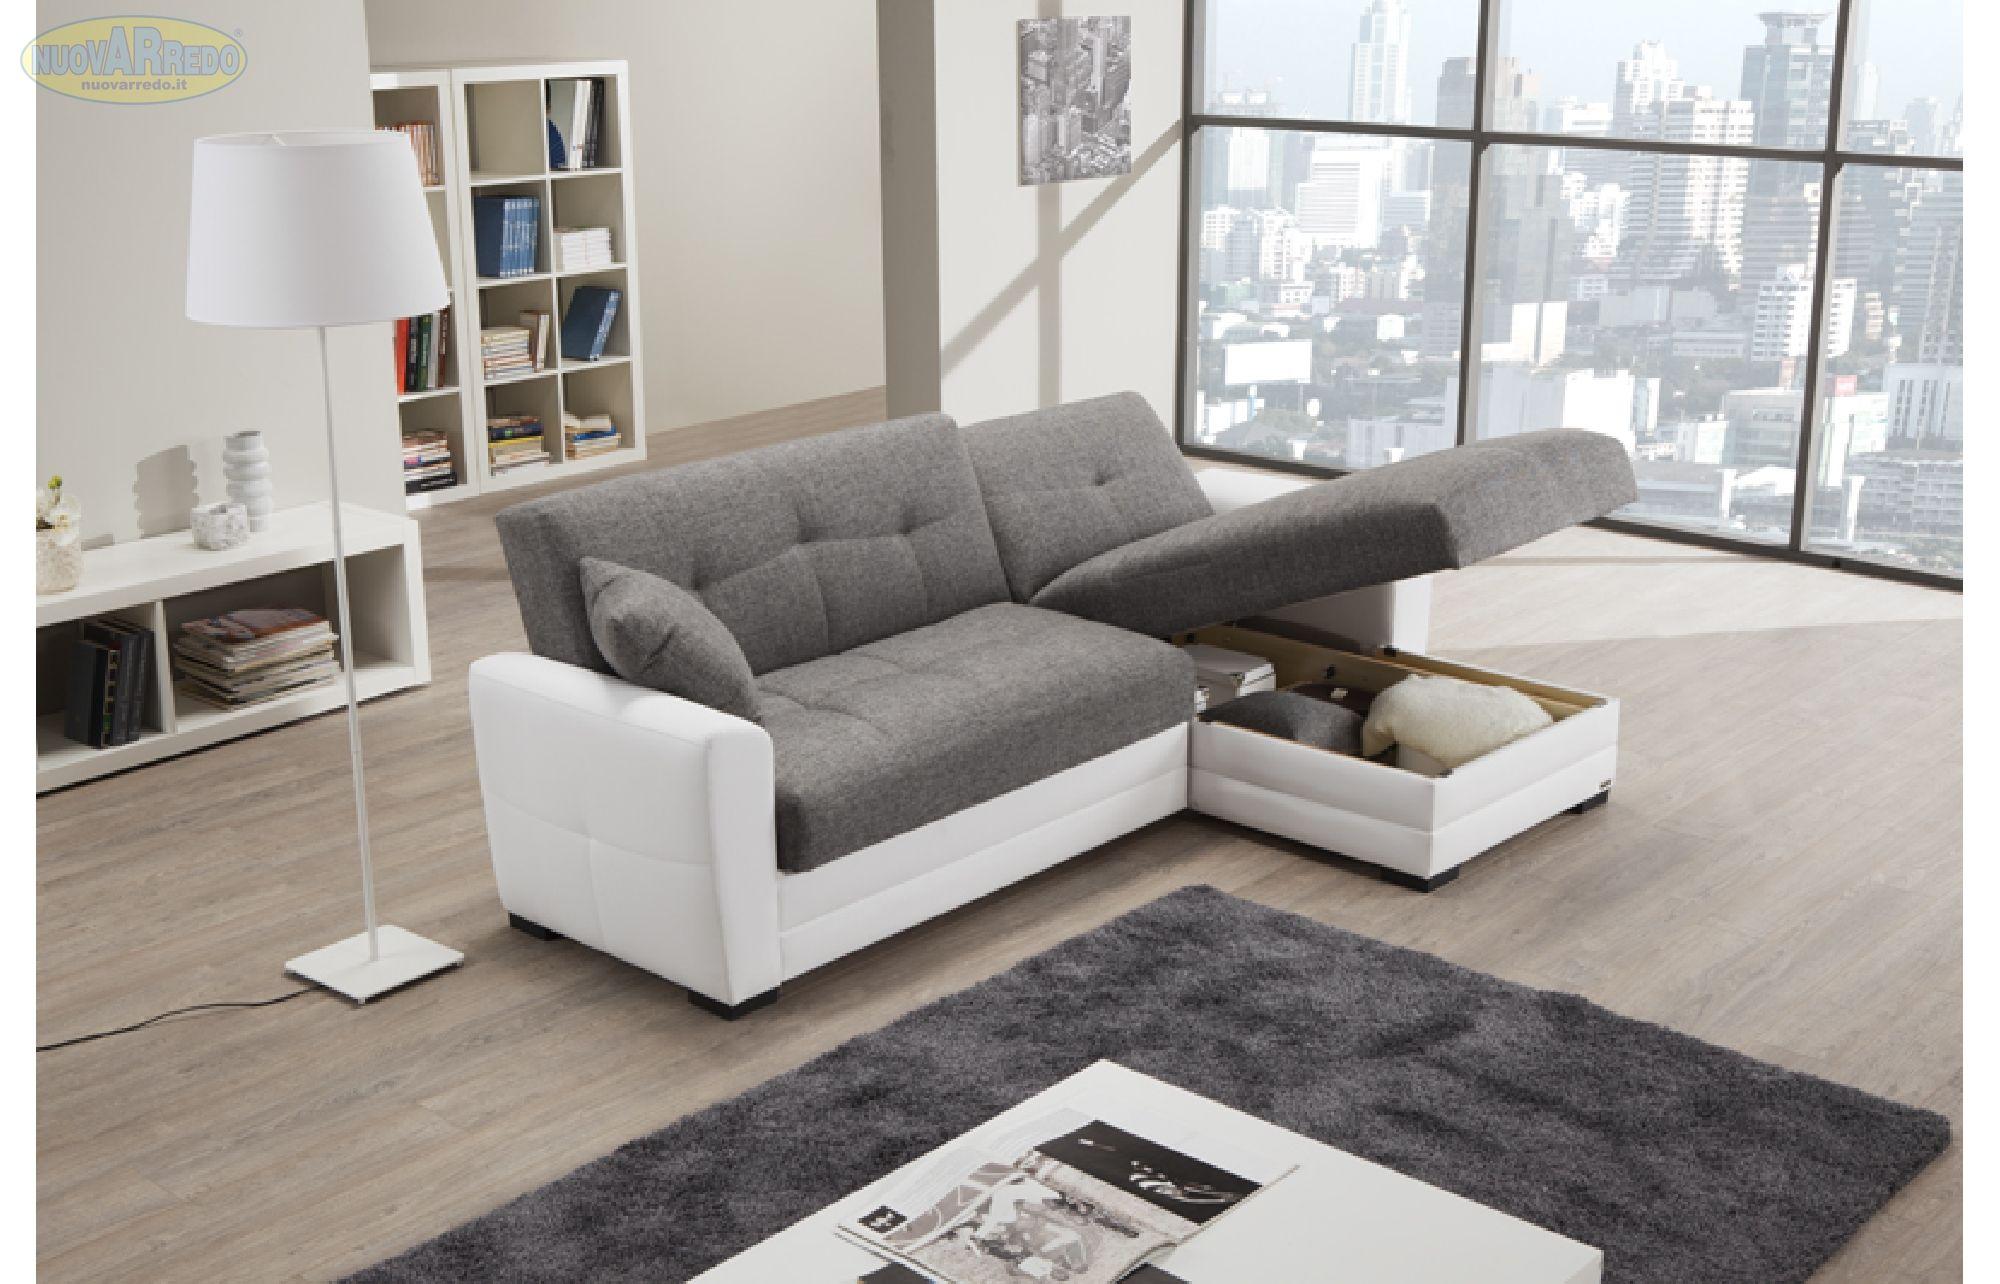 Prezzo 499 divano angolare in ecopelle bianco e tessuto grigio trasformabile in letto e - Divano letto doimo prezzo ...